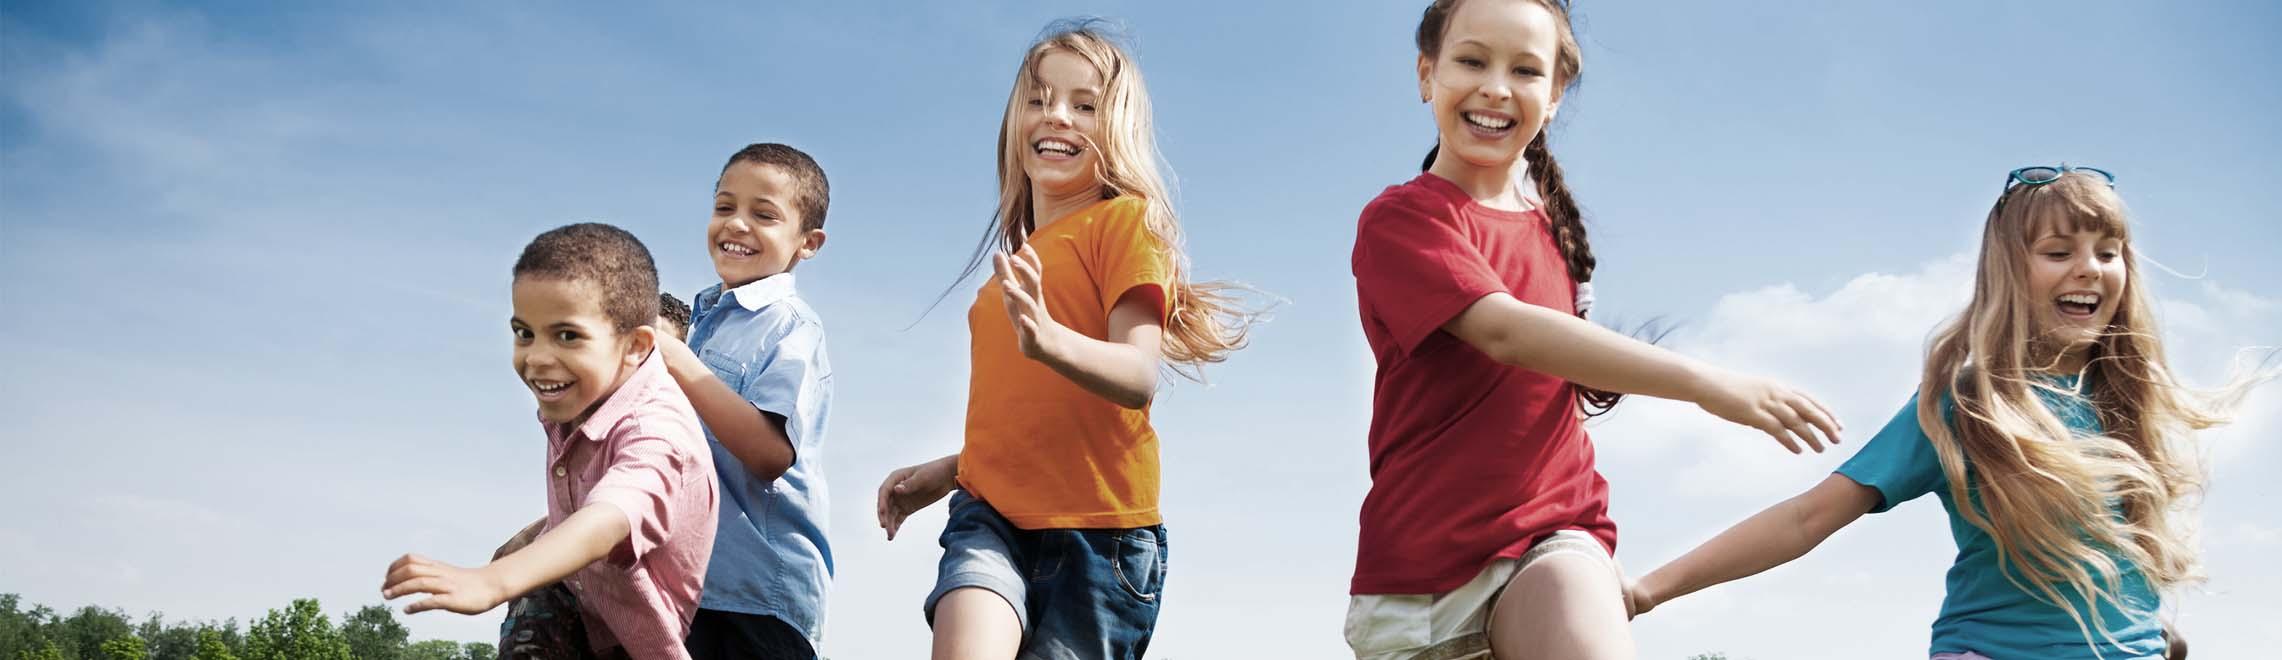 Gesundes Aufwachsen für Kinder und Jugendliche bestmöglich gestalten